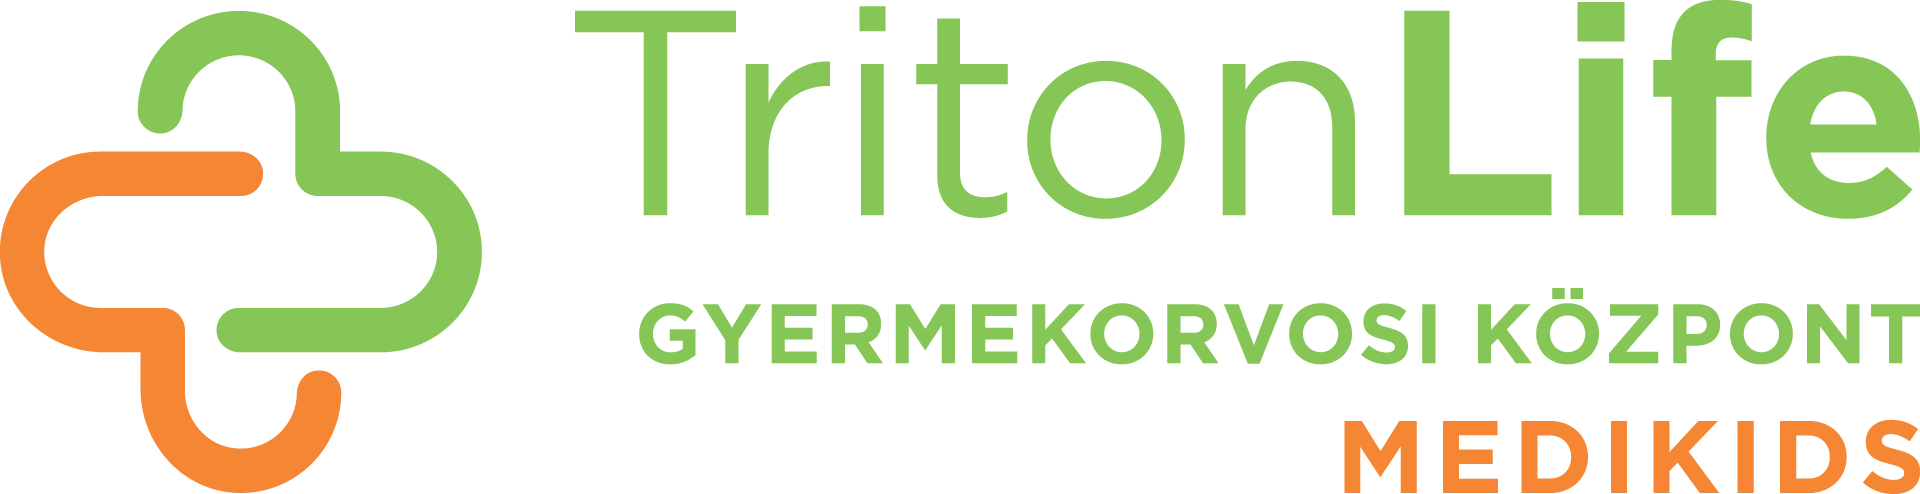 TritonLife Gyermekorvosi Központ MediKids